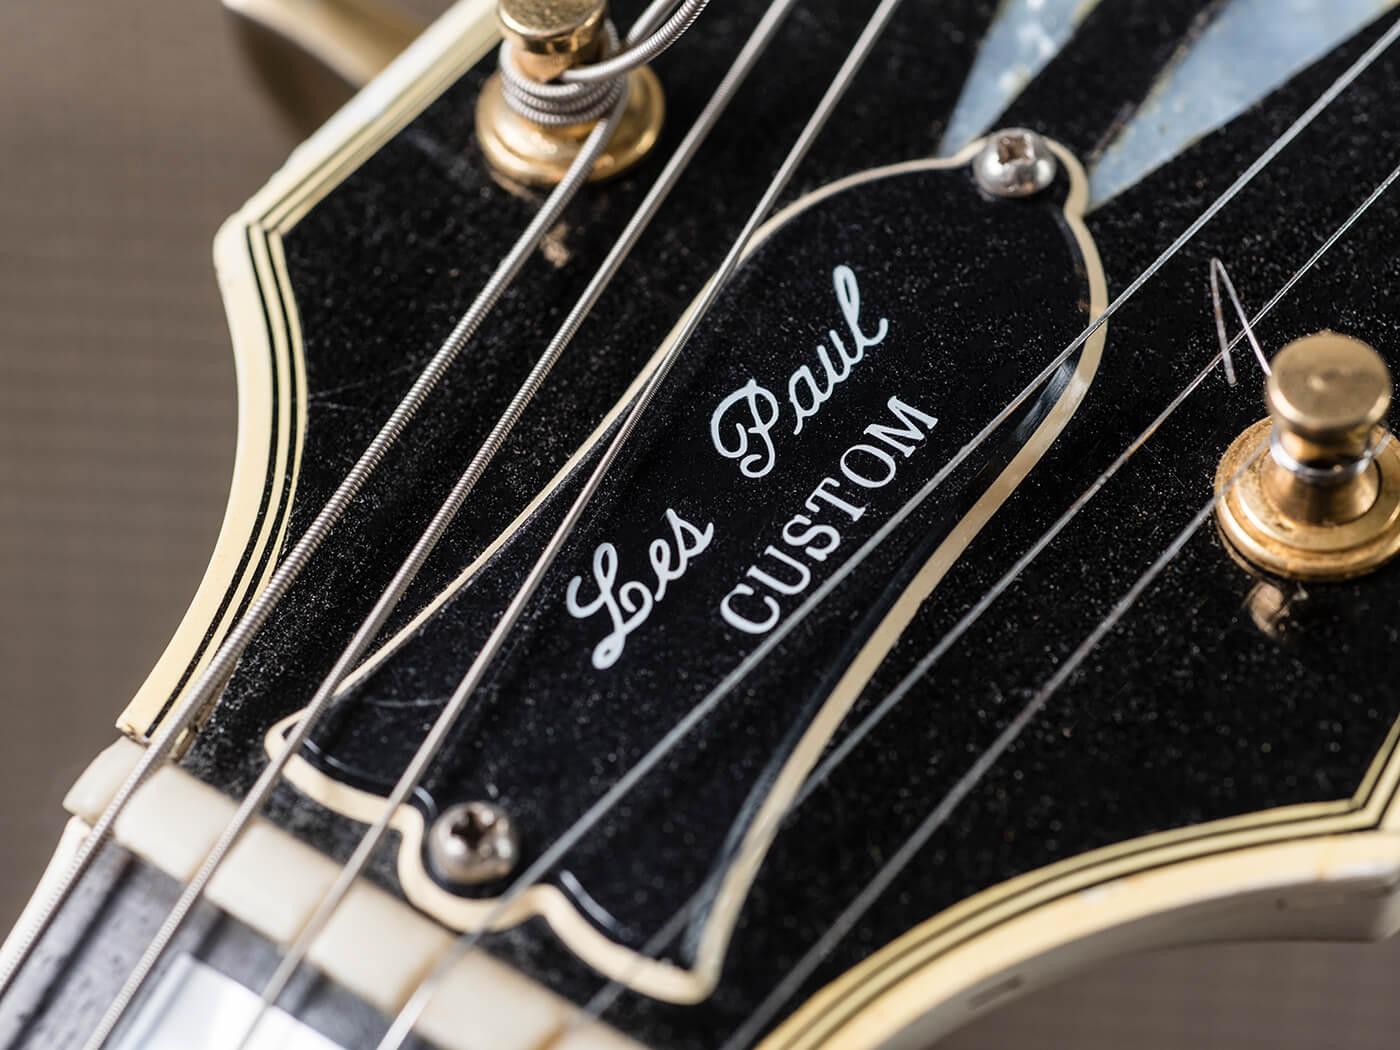 Gary Gand 1964 SG Custom (Headstock)